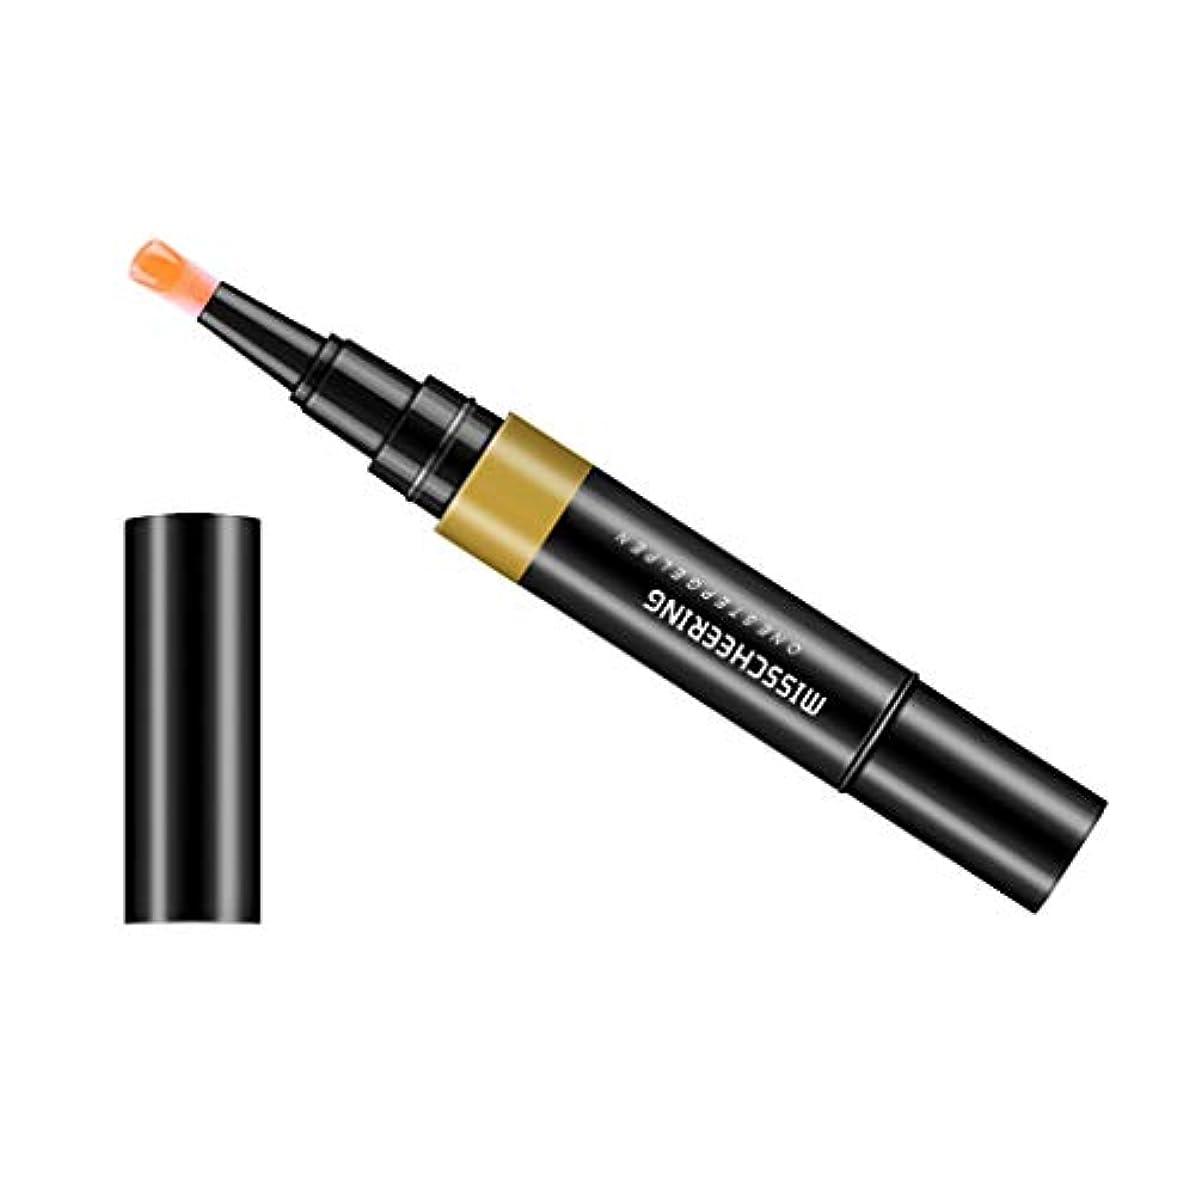 男スモッグ裕福なToygogo ジェル マニキュアペン ワニスラッカー ネイルアートペン 3 イン 1 サロン 初心者 セルフネイル DIY - ライトオレンジ